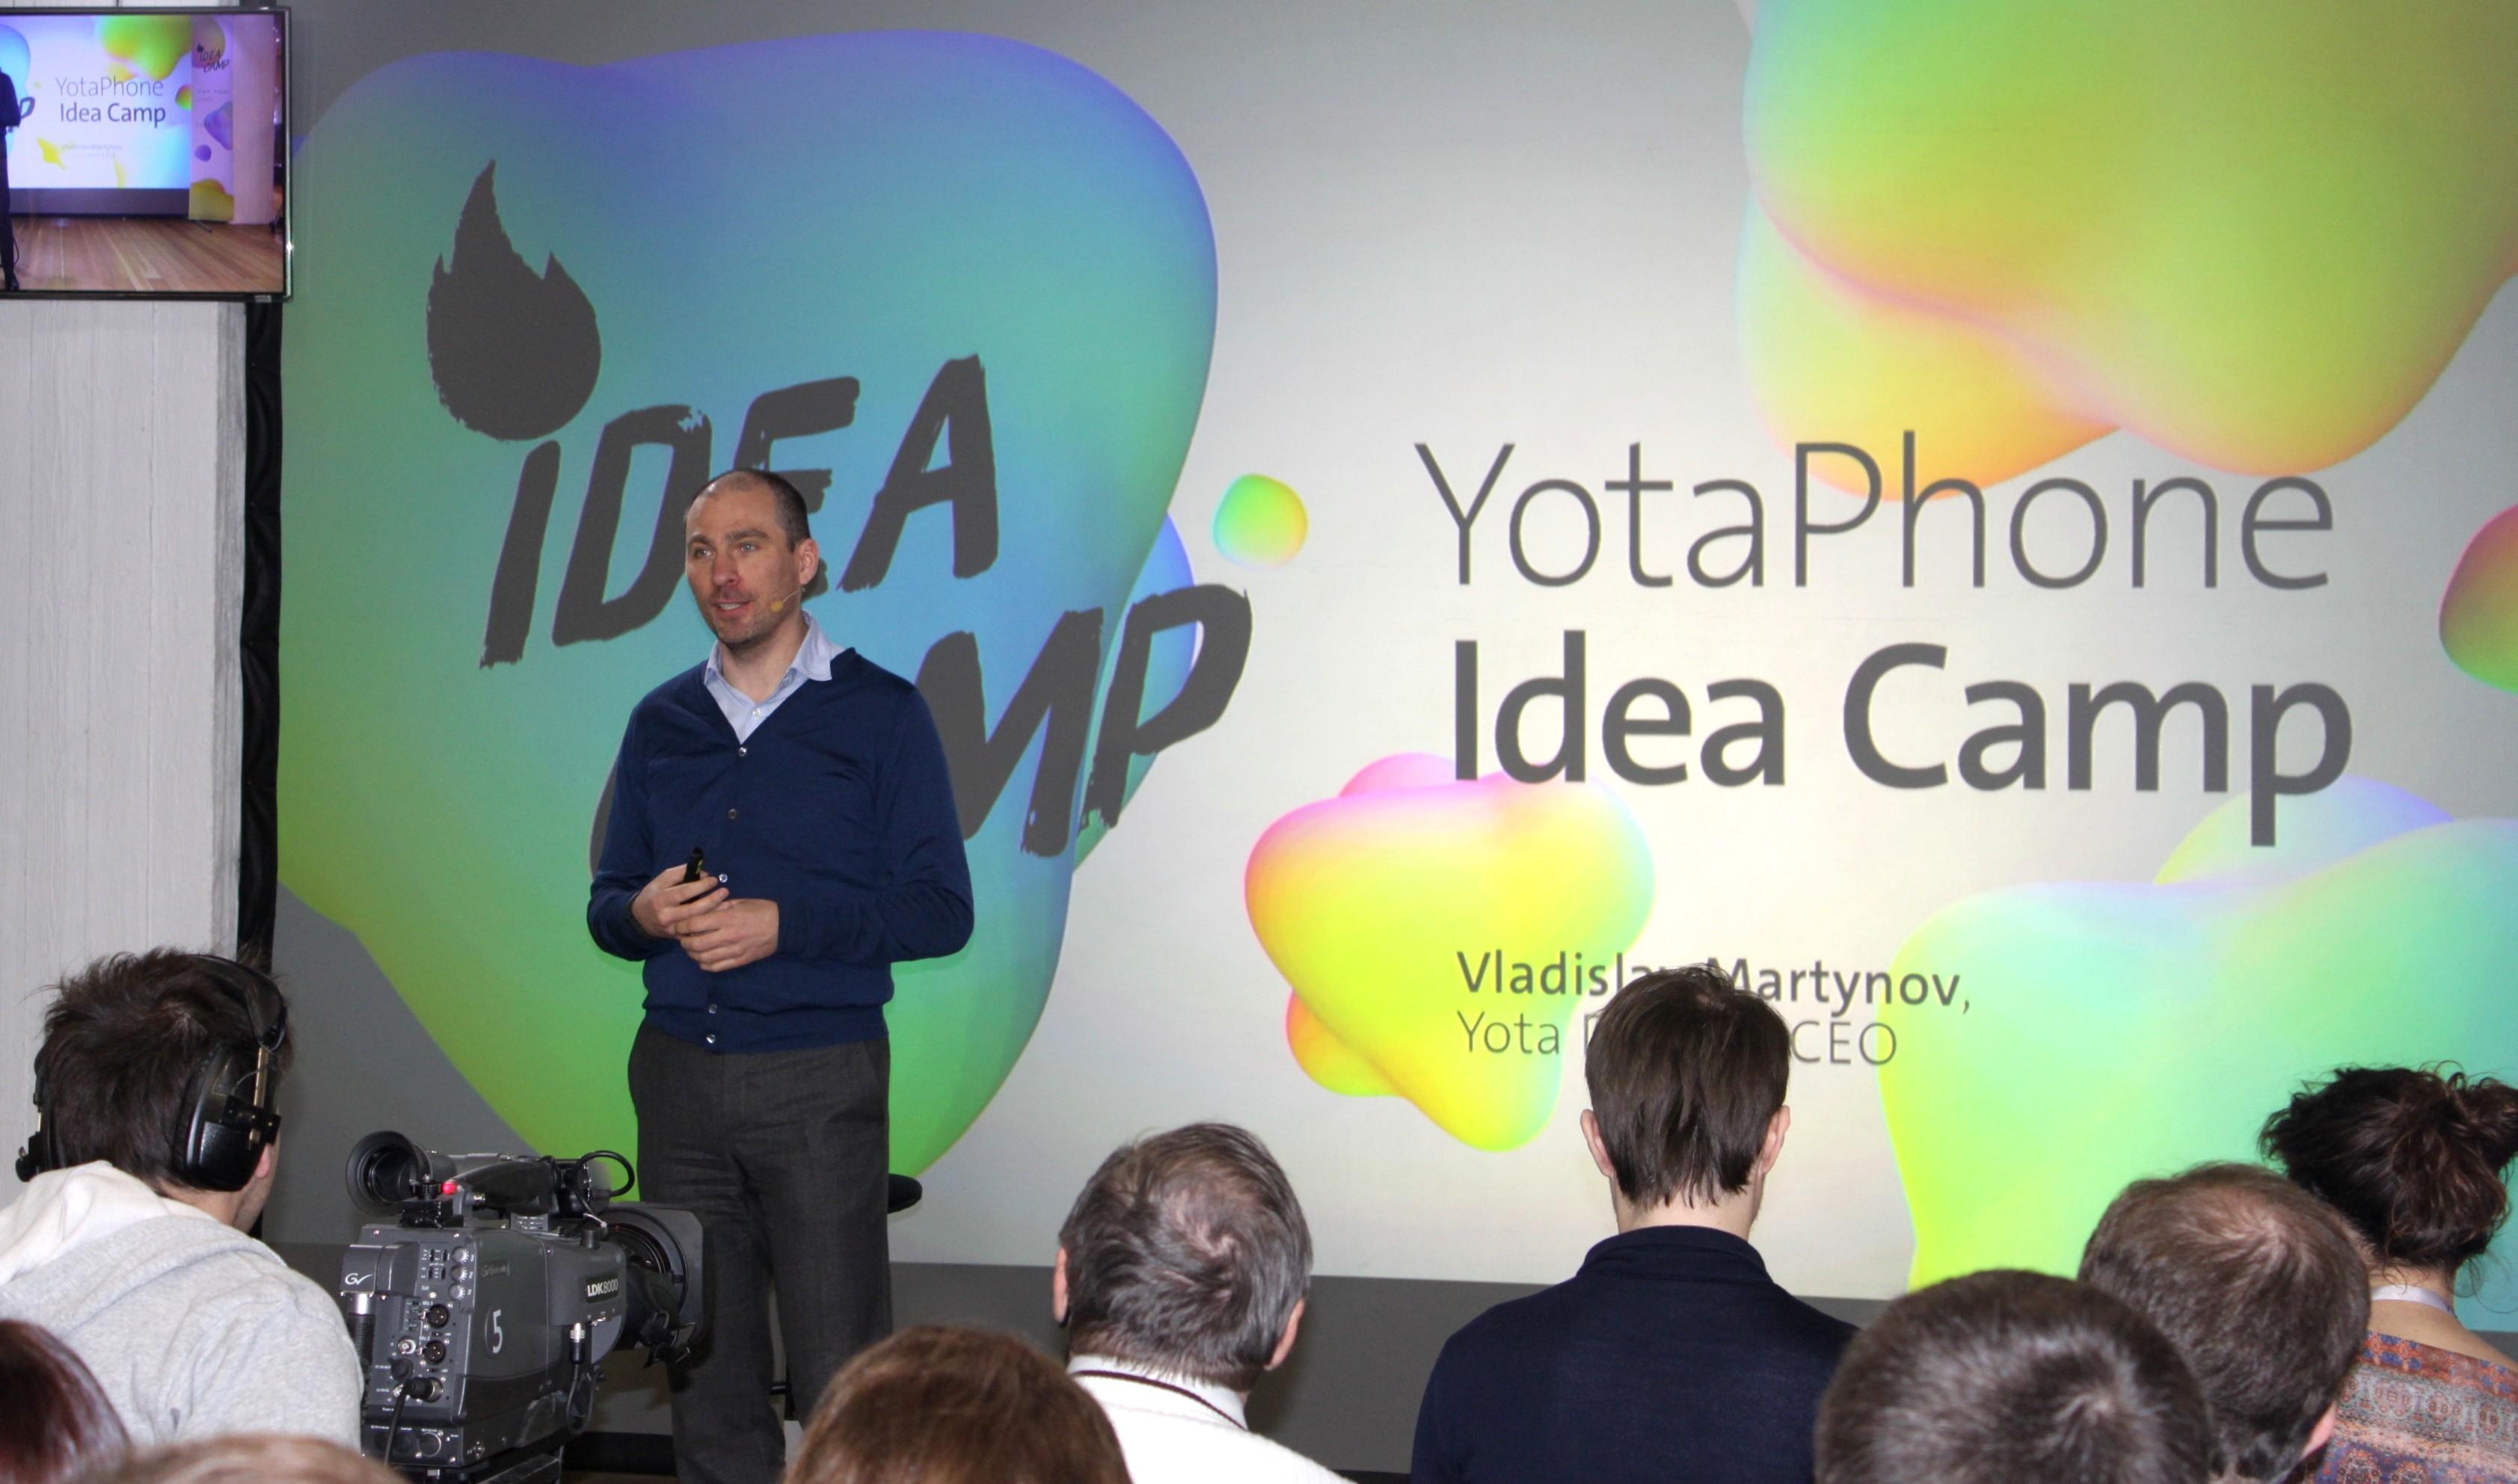 Экран Yota Phone 2 можно будет использовать в качестве банковской карты